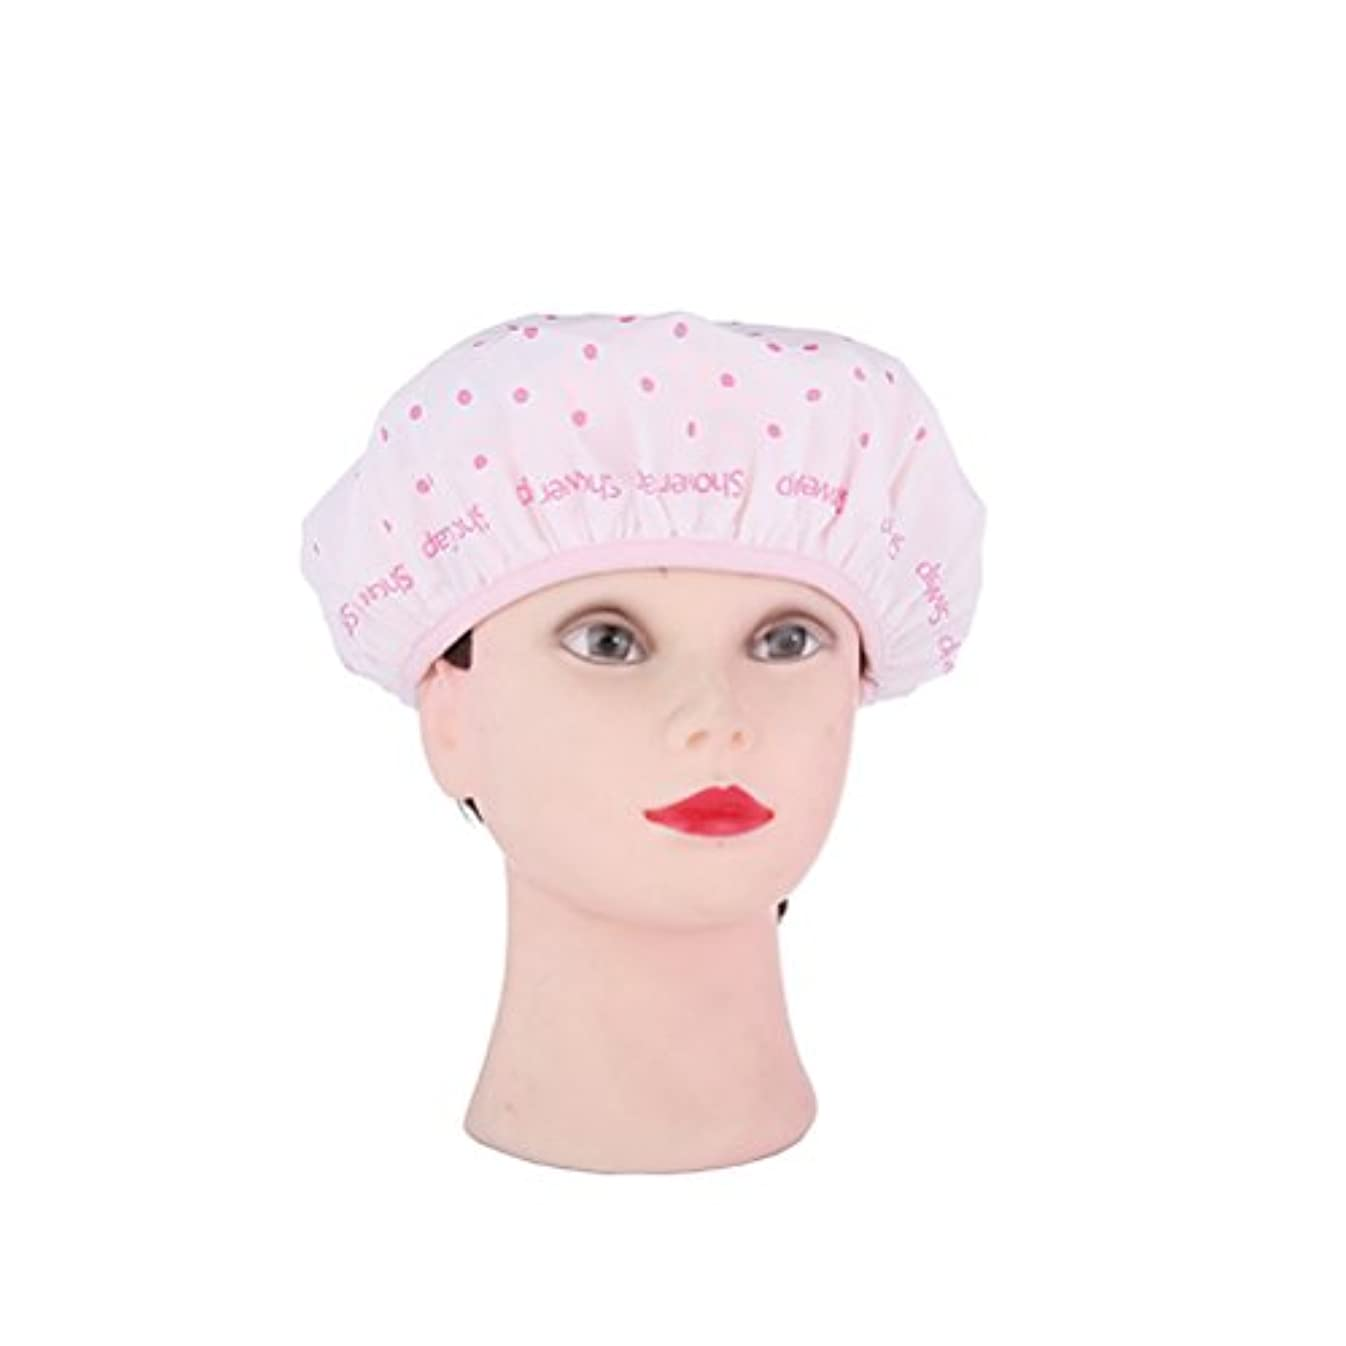 どうやら暗殺するシャイニングROSENICE シャワーキャップ防水性モールド抵抗性の洗えるシャワーキャップかわいいやわらかい髪の帽子(ピンク)